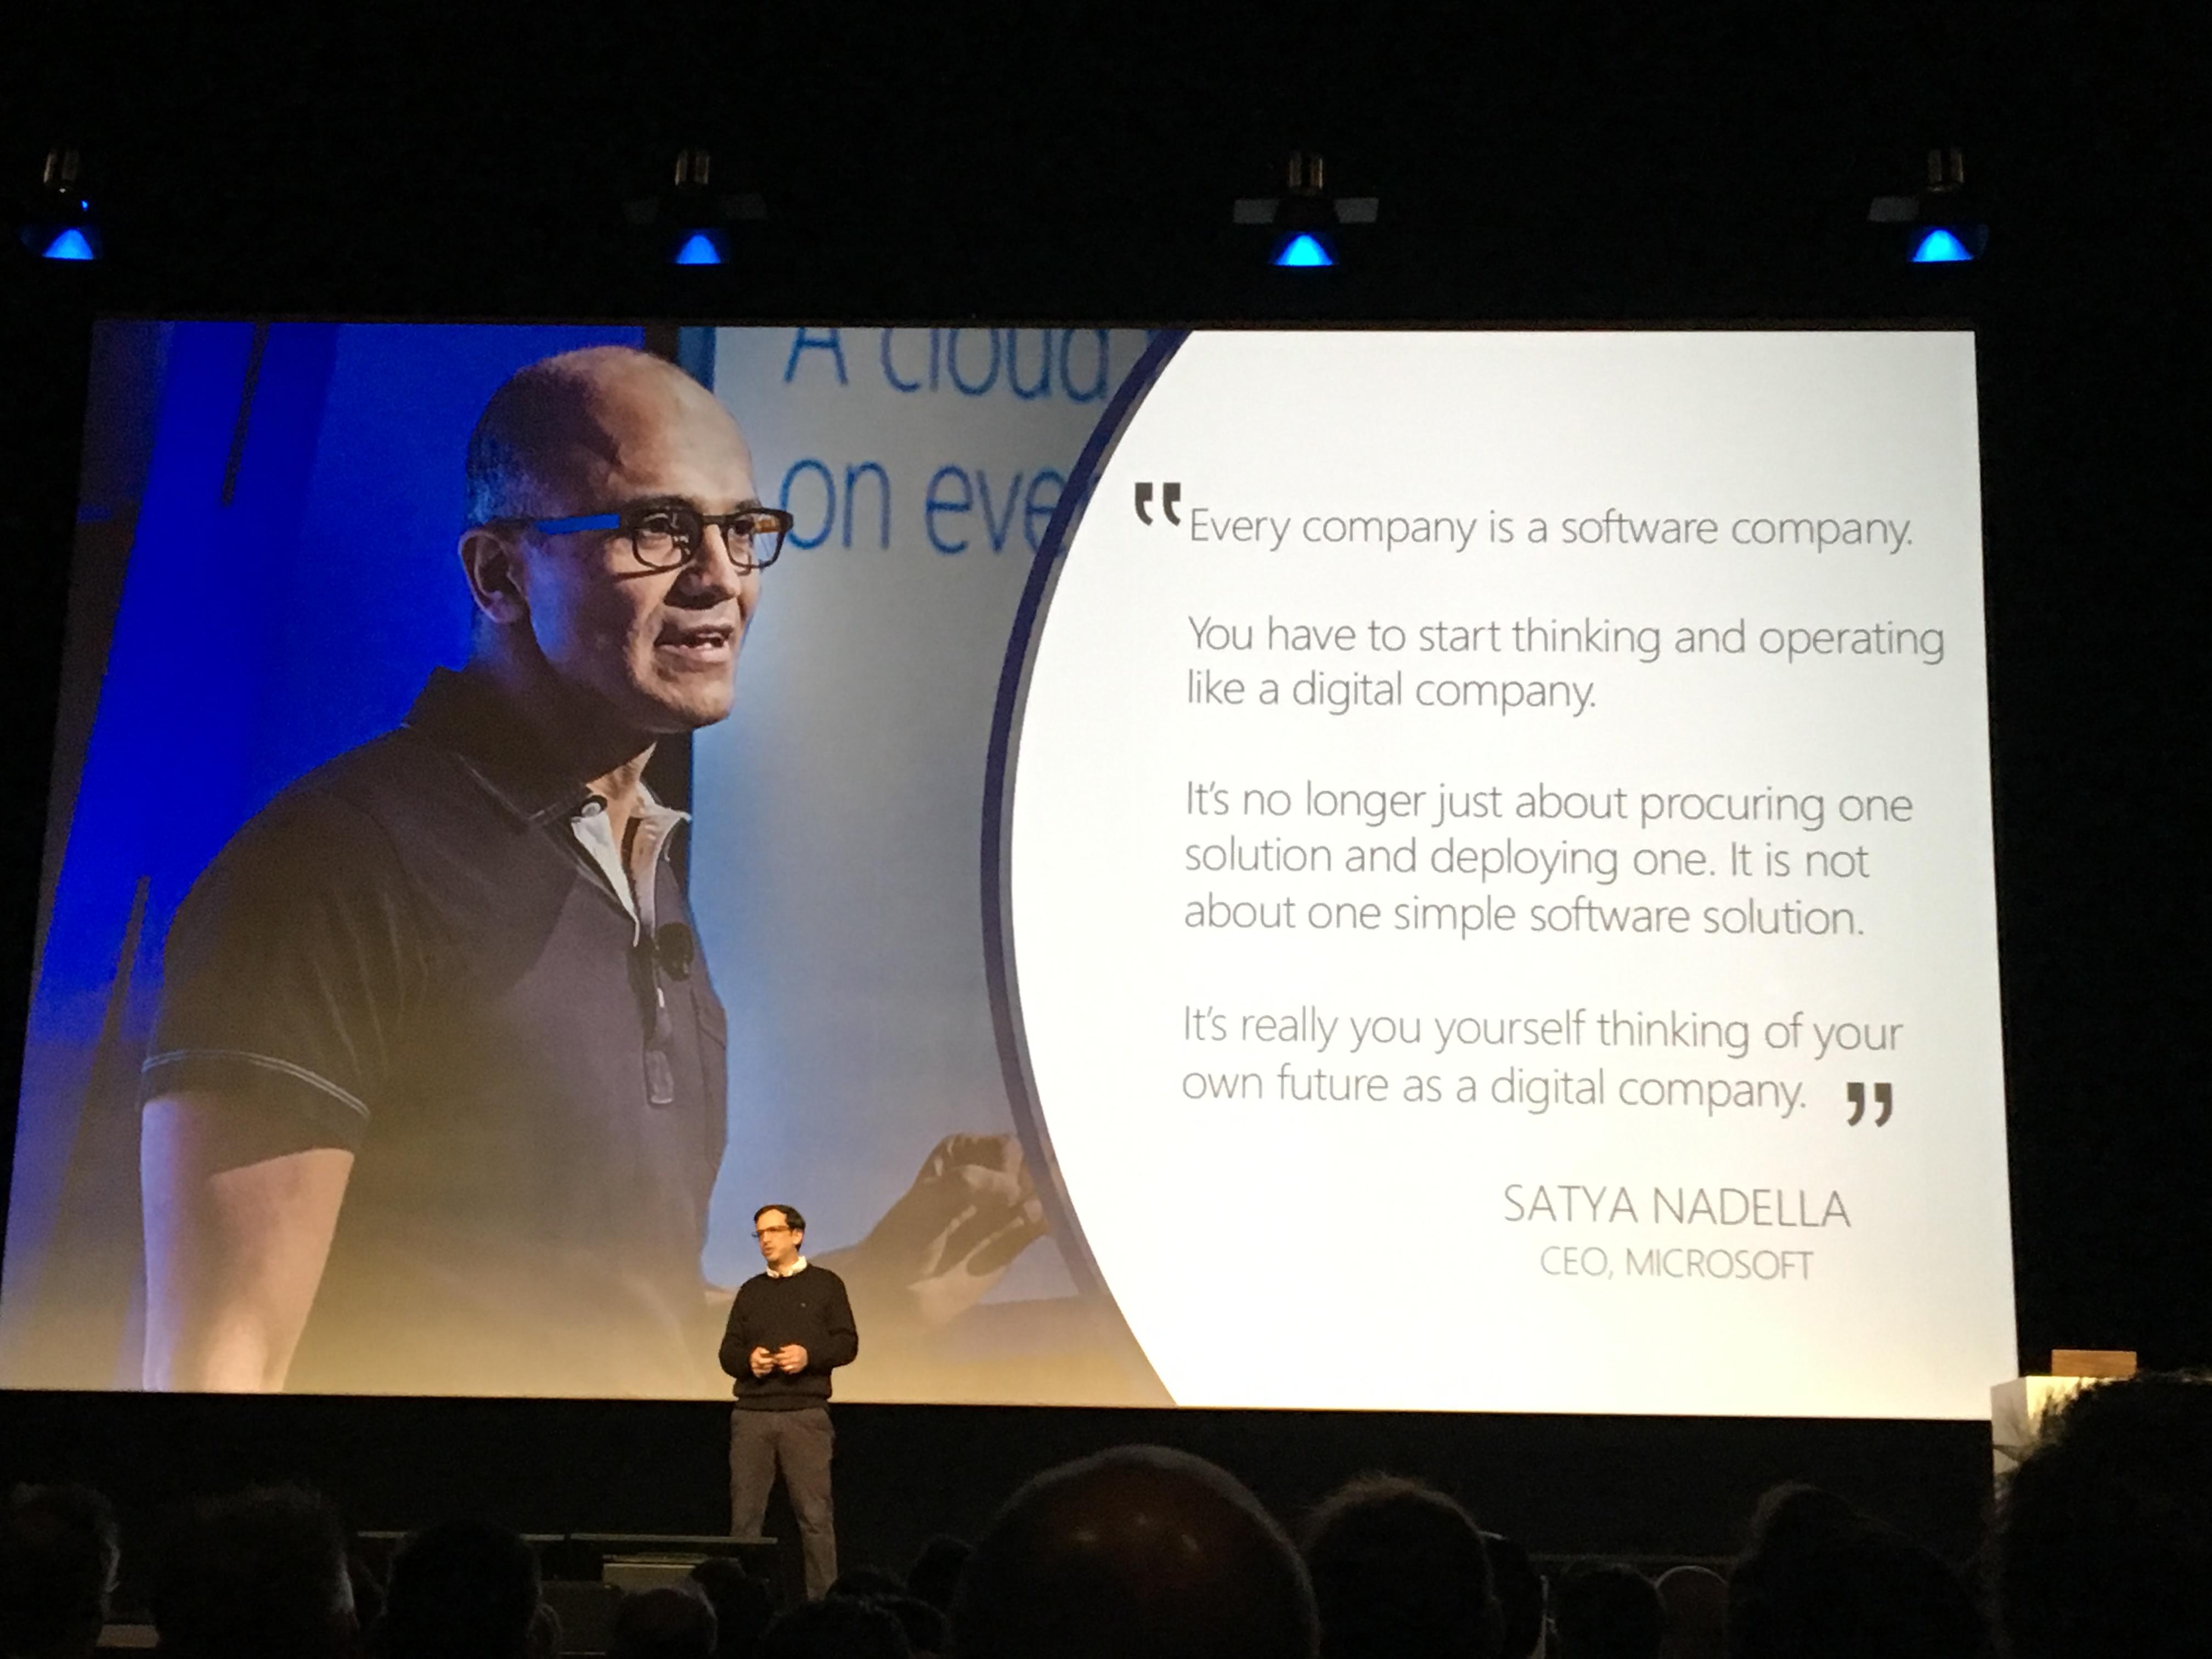 全ての企業はソフトウェア企業になる